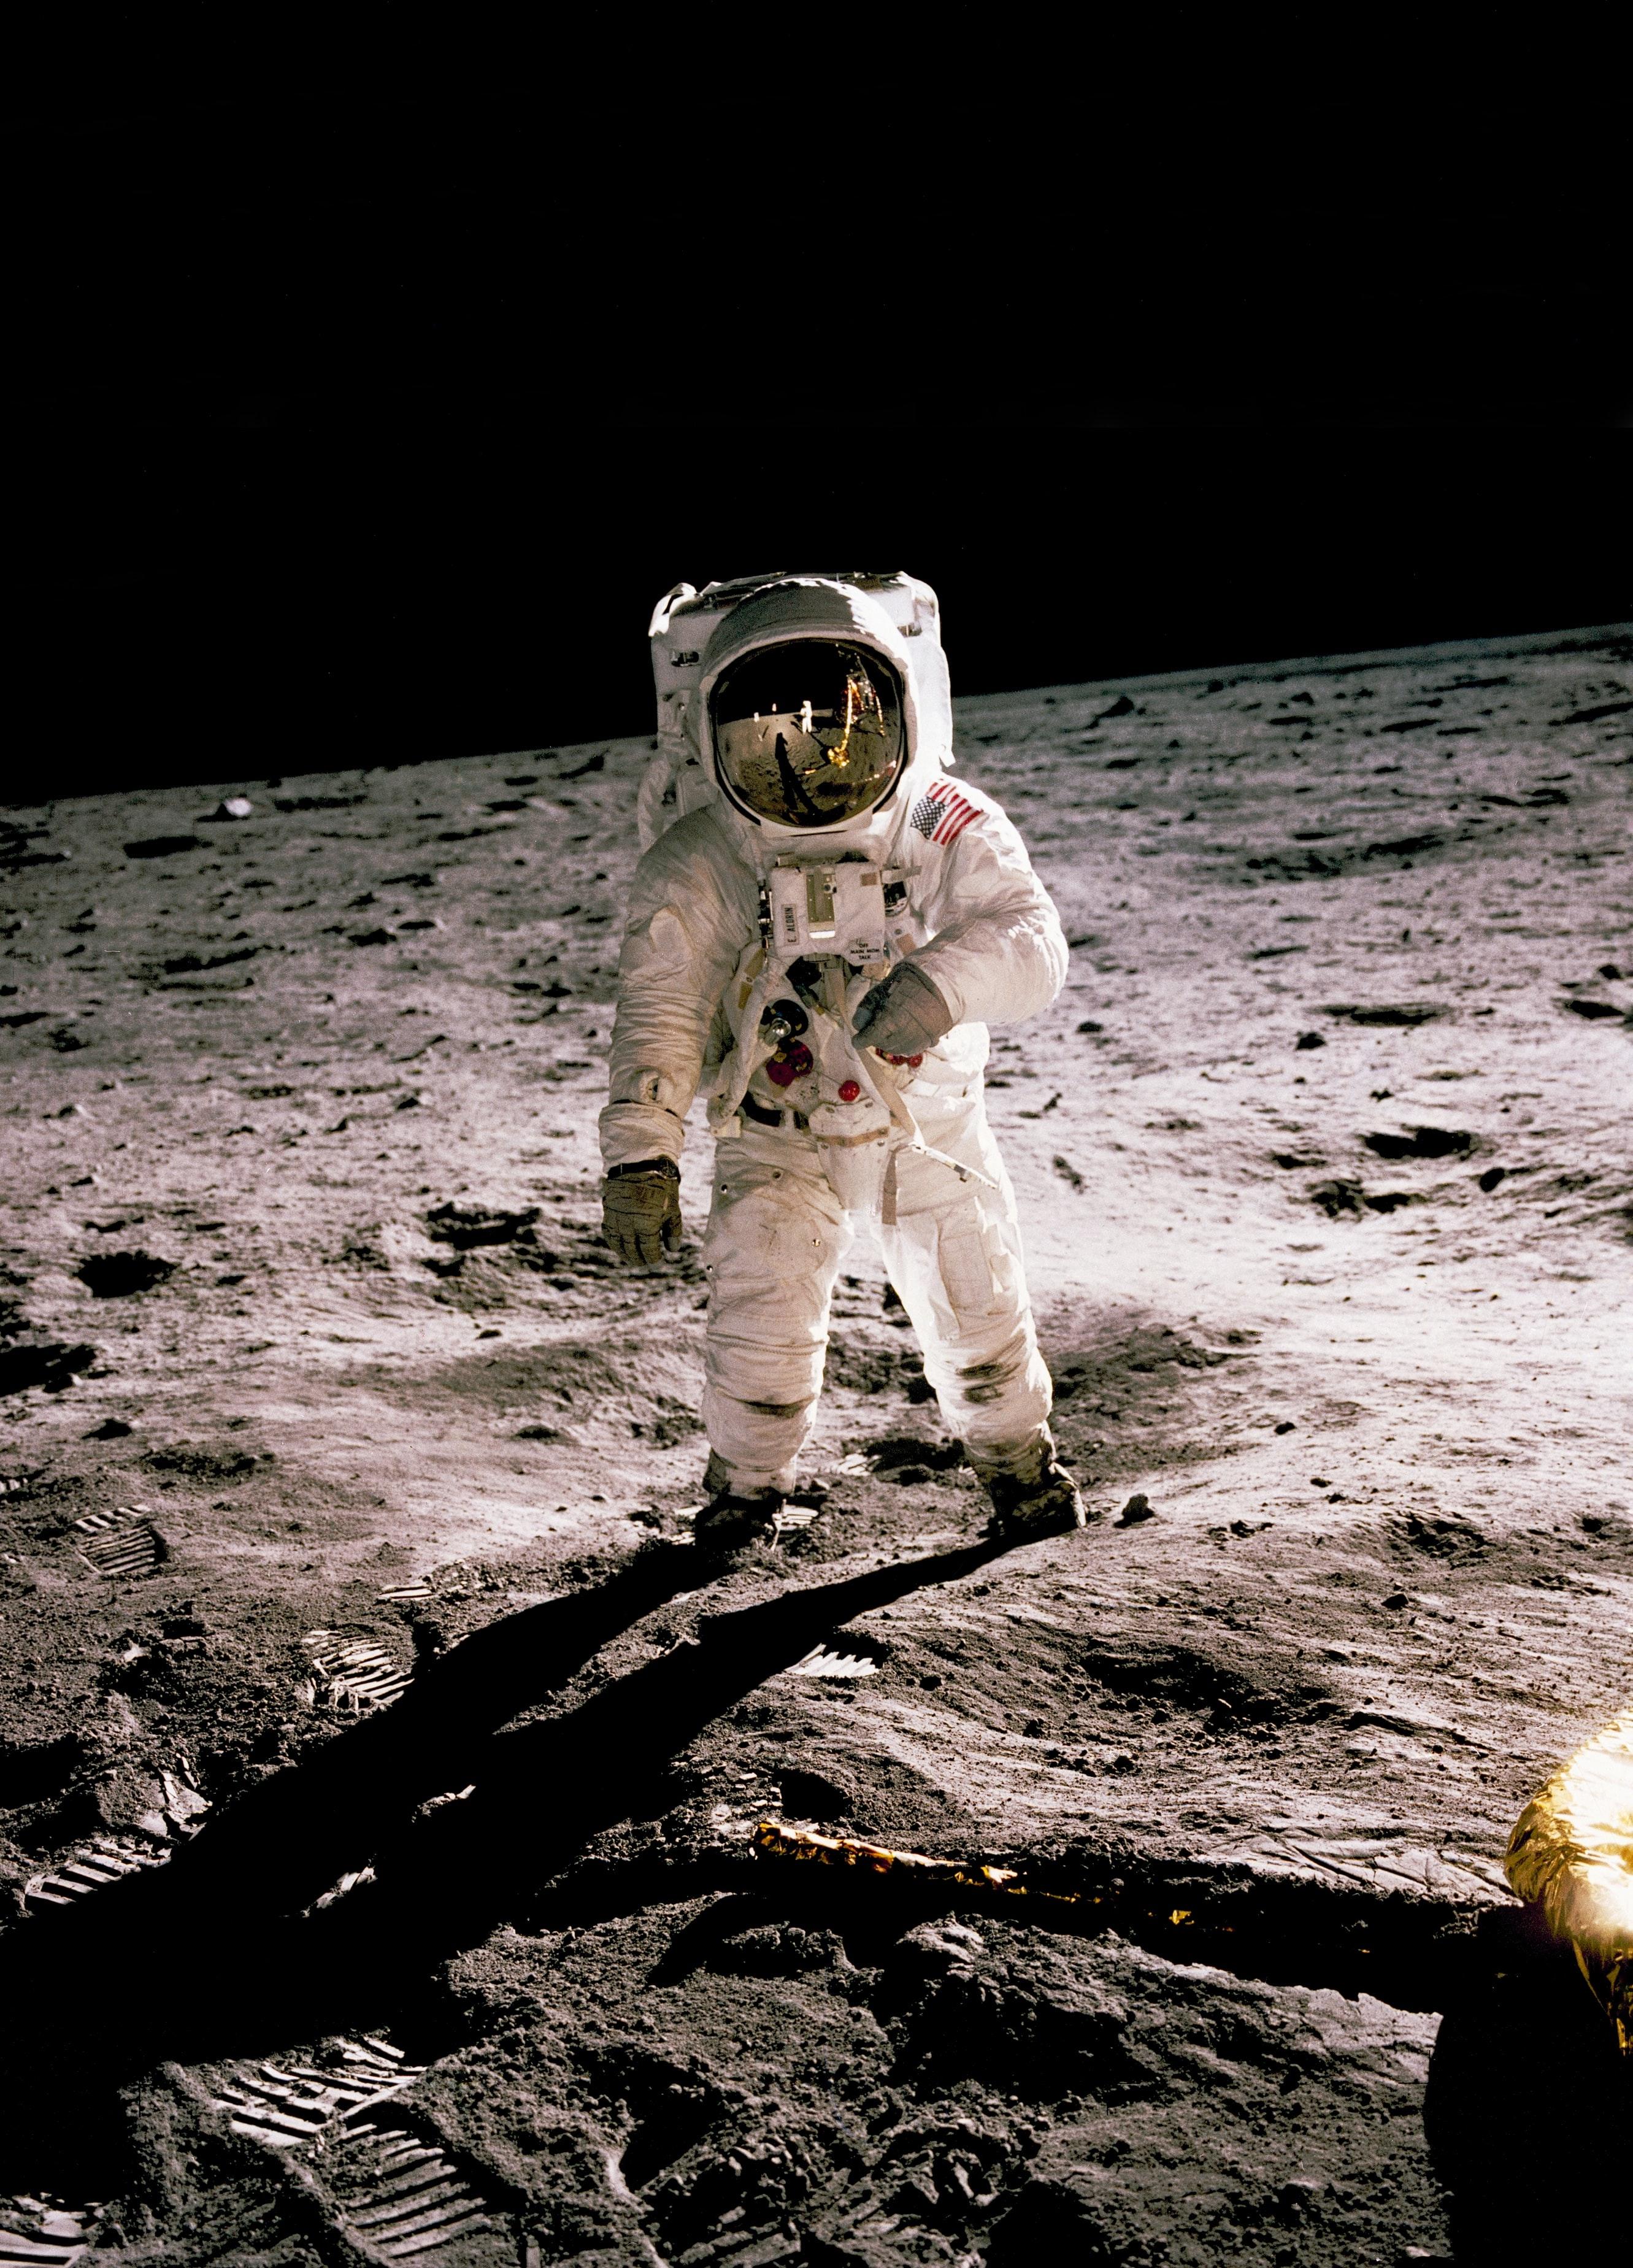 (FR) Retourner sur la Lune pour y rester